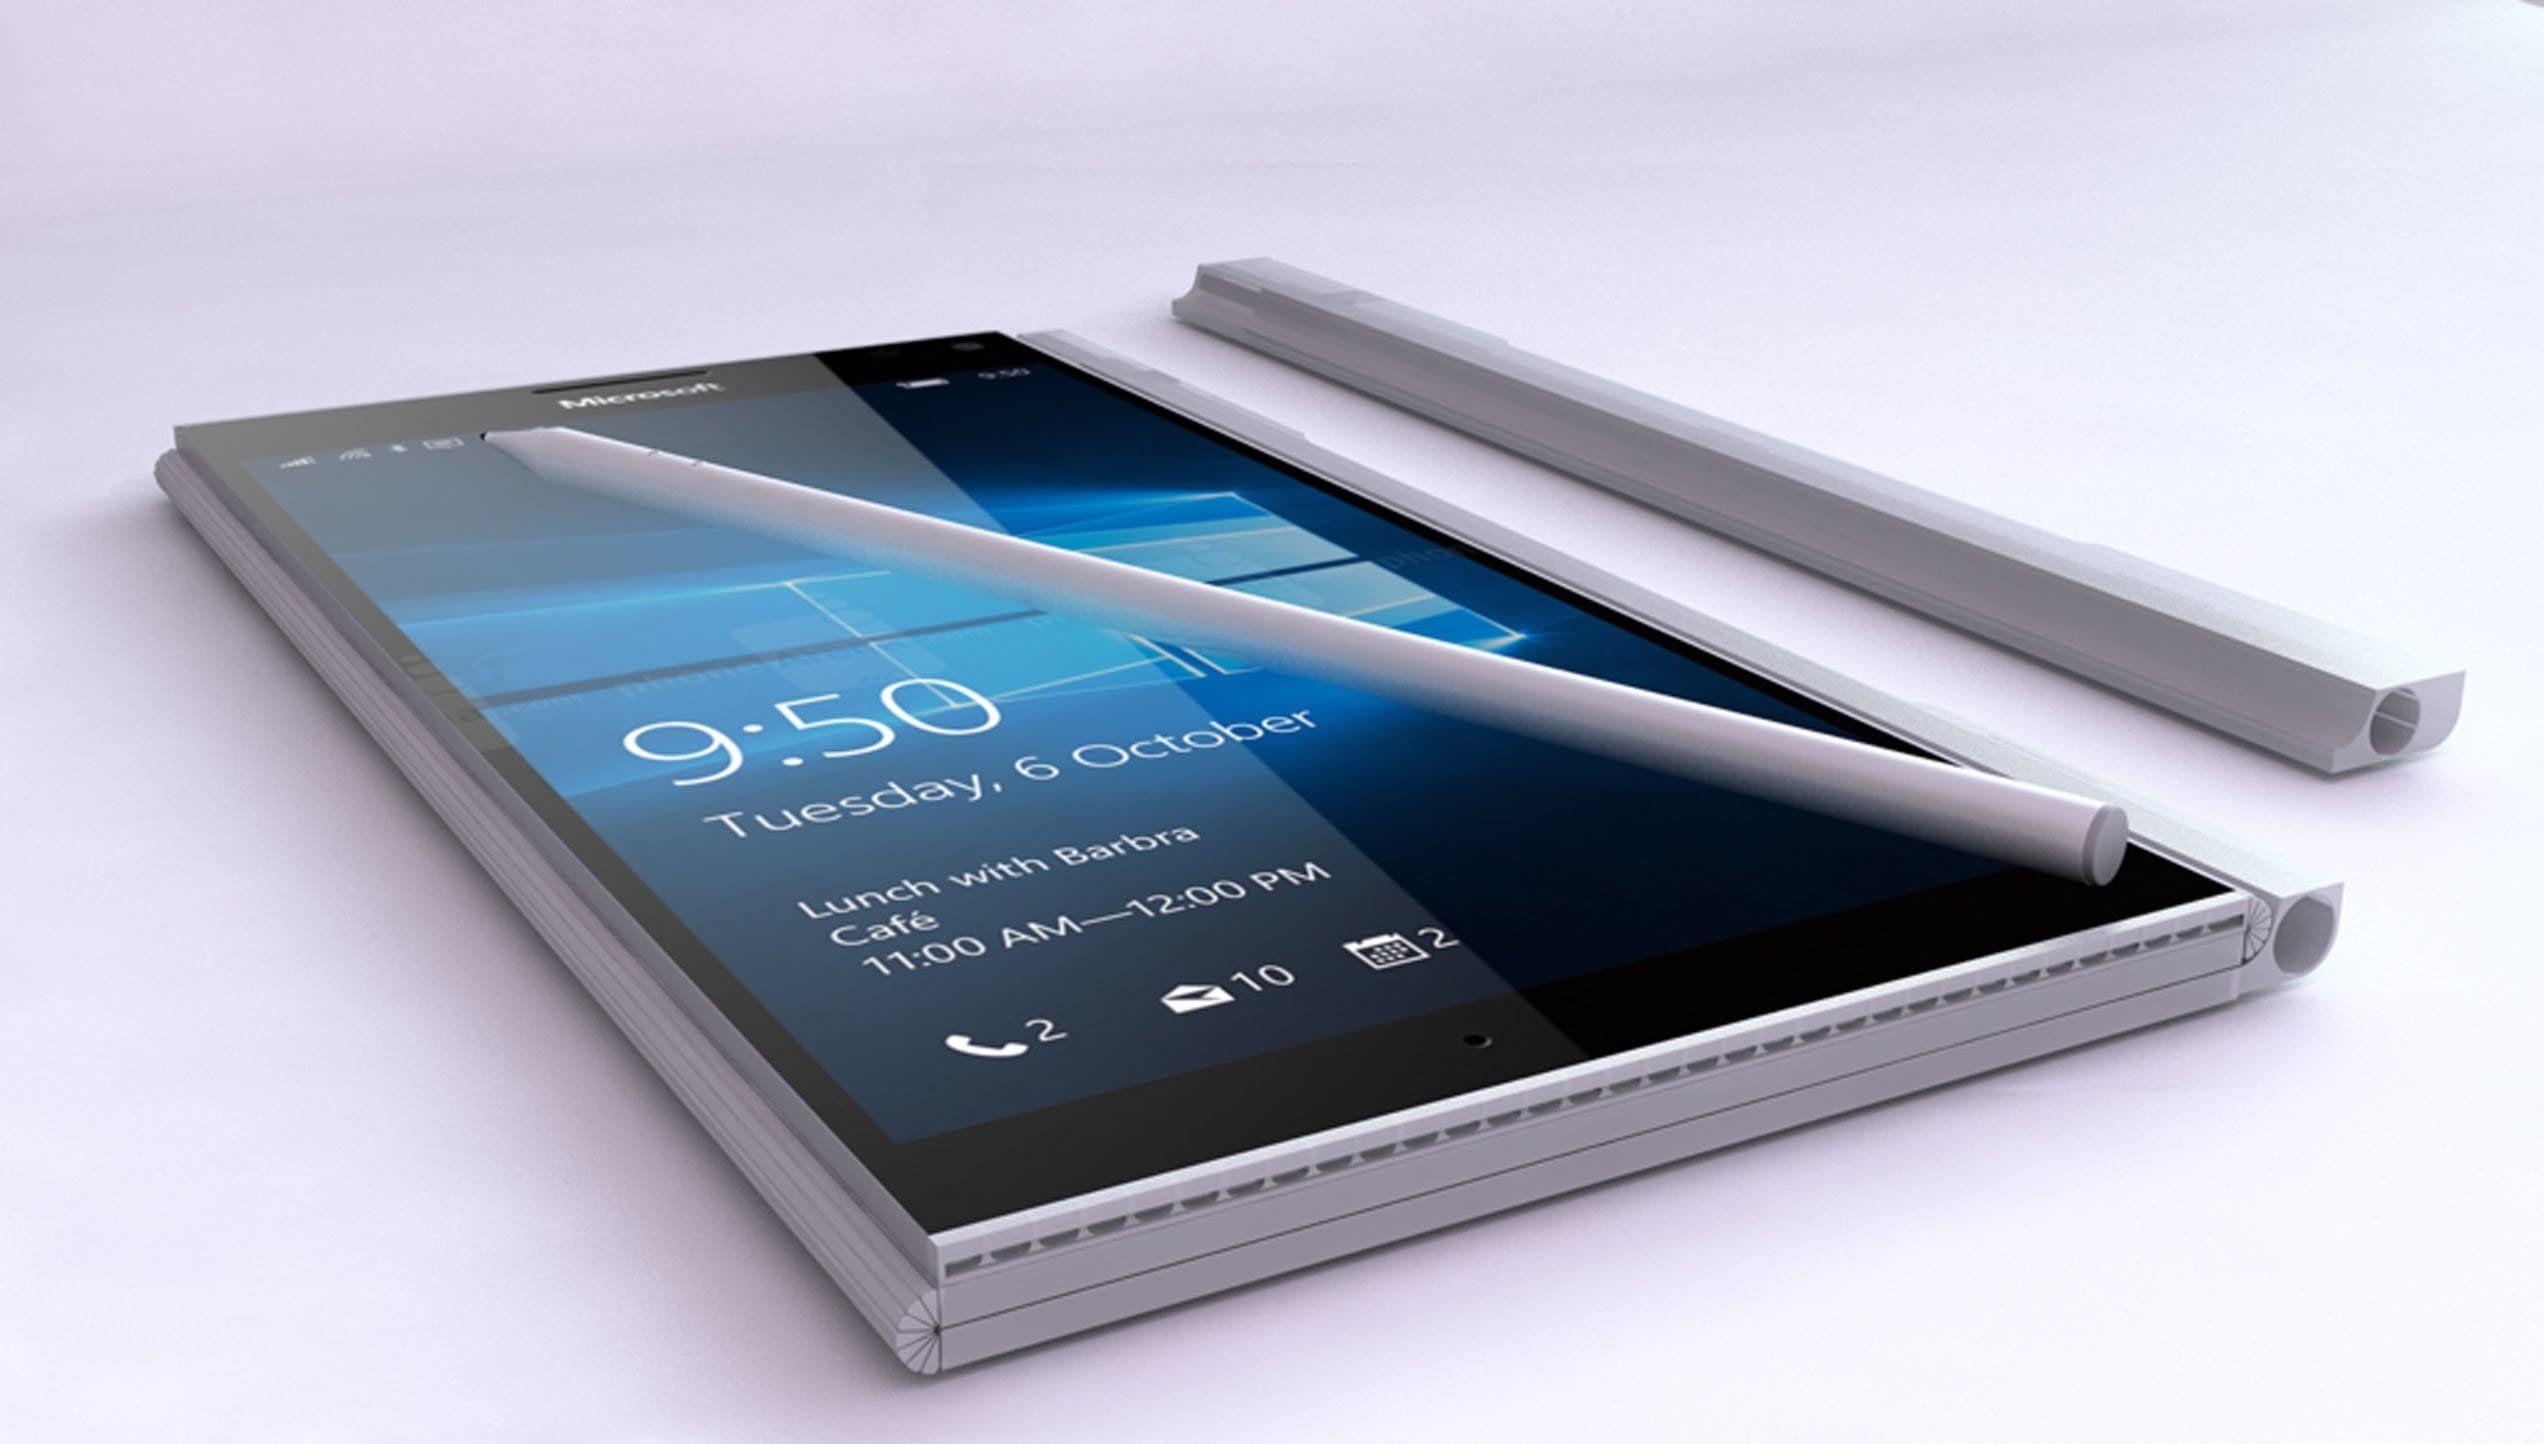 ВСеть утекли фотографии невыпущенного телефона Microsoft